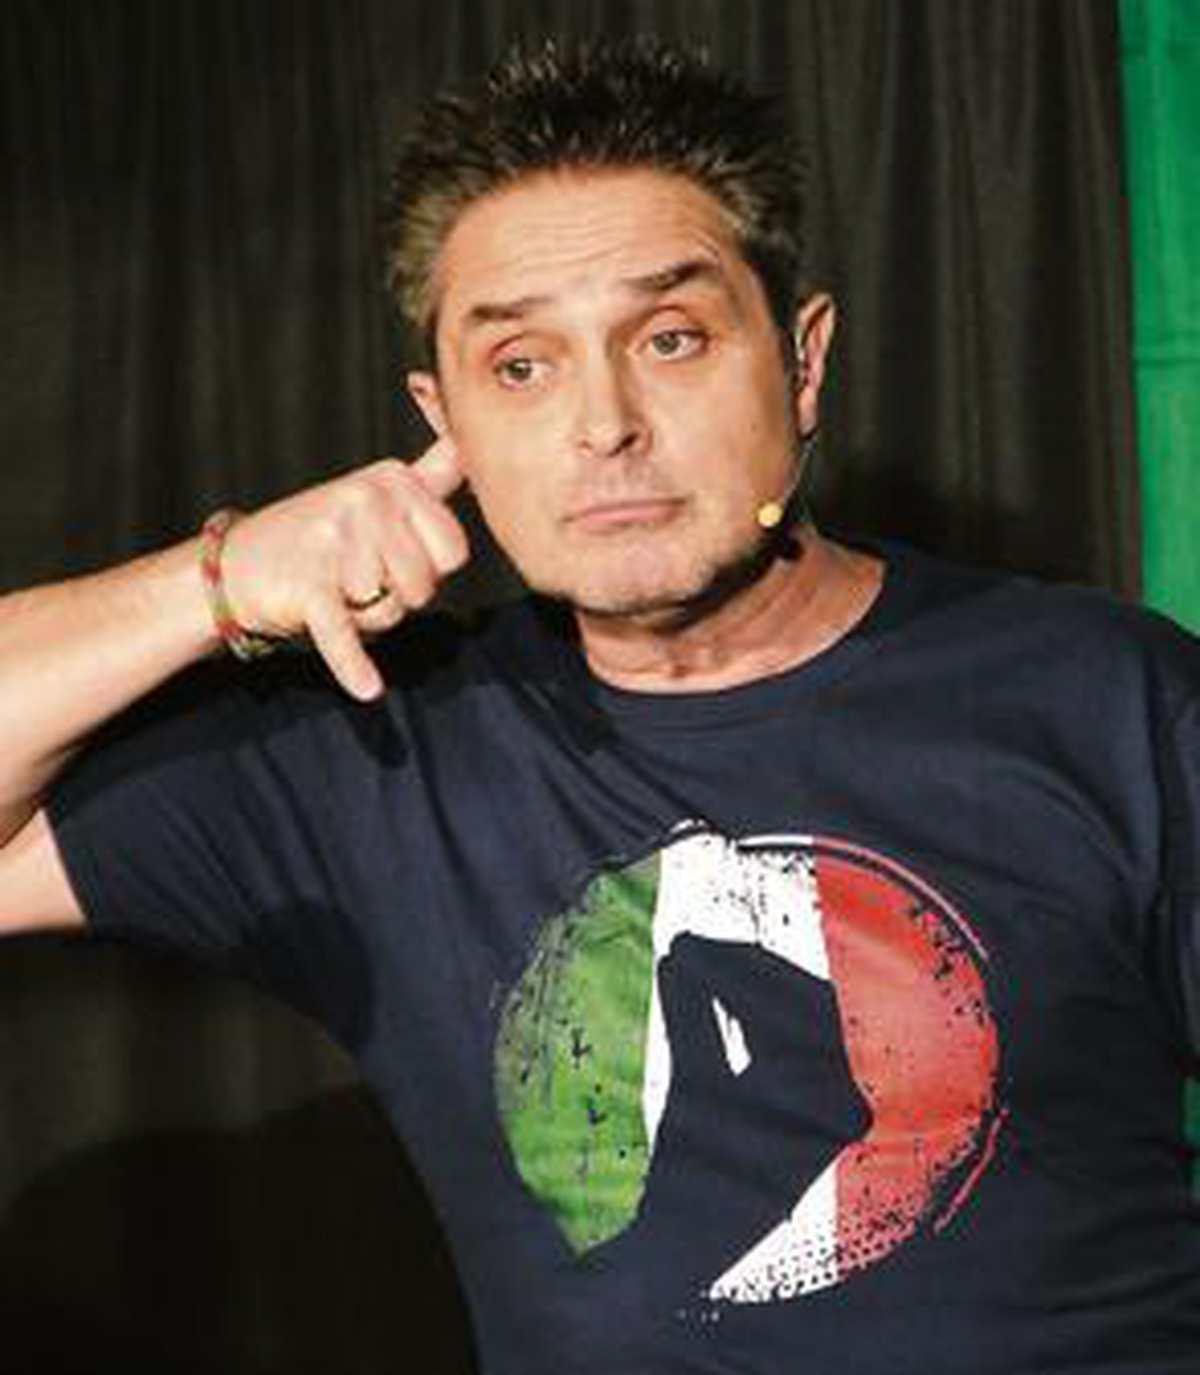 Geile italienische frauen